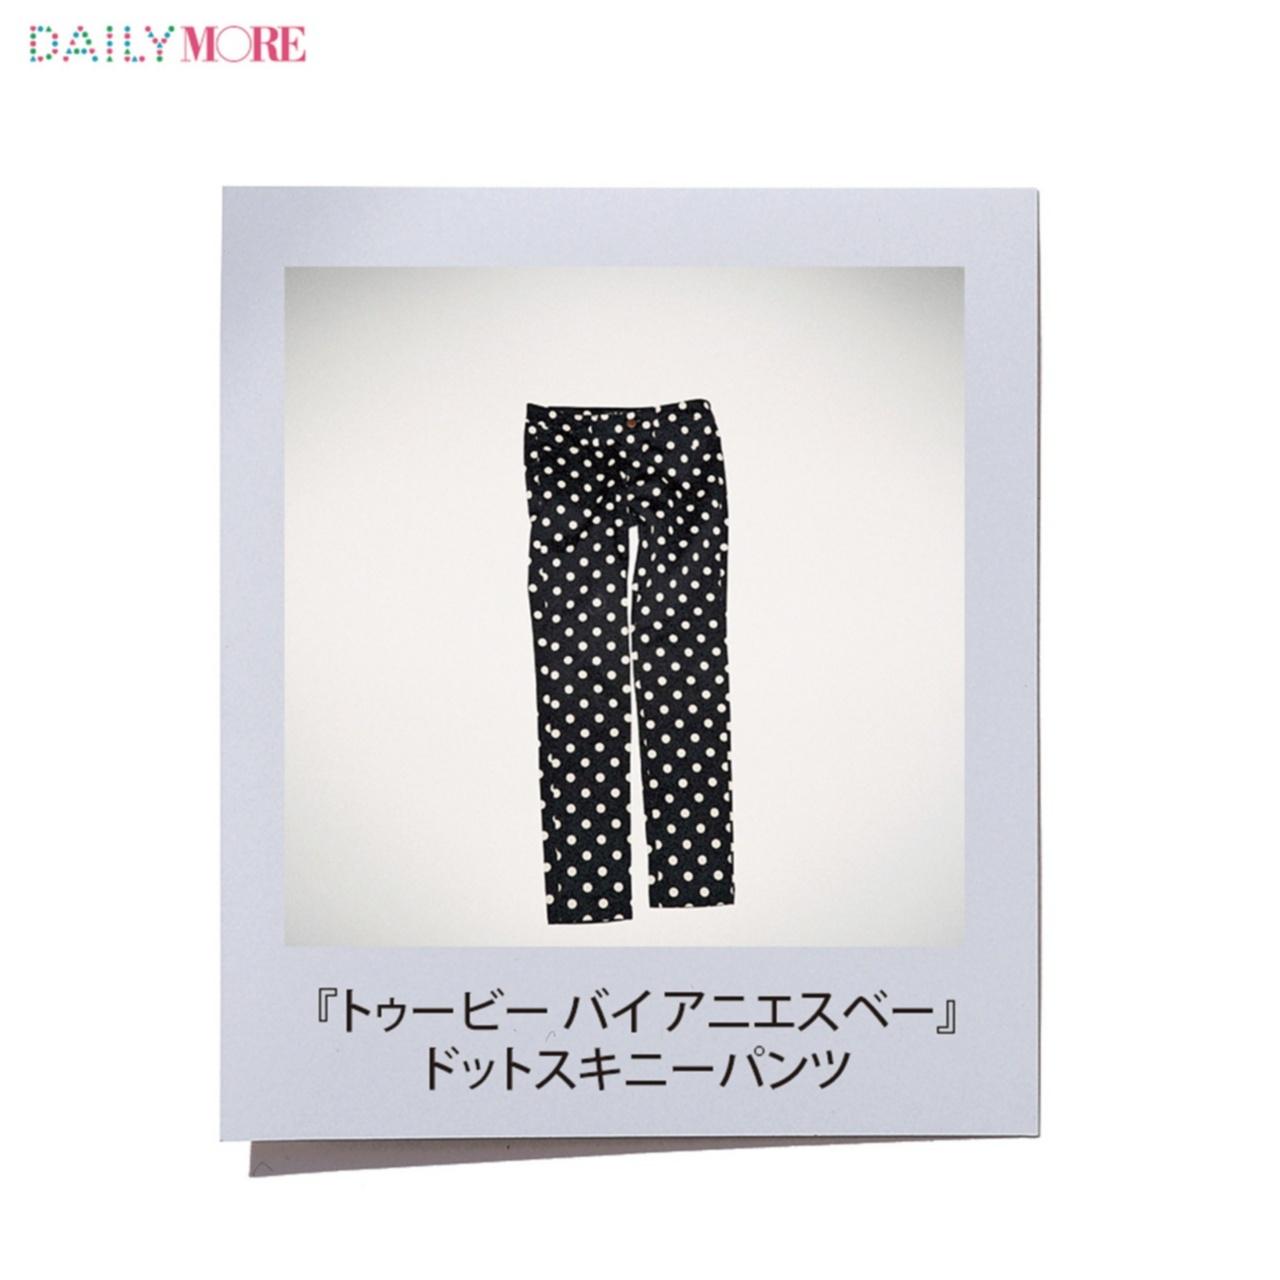 """""""隠れた名品""""あなたは知ってた? 人気ブランドの「実は売れてる服」まとめ♡_1_4"""